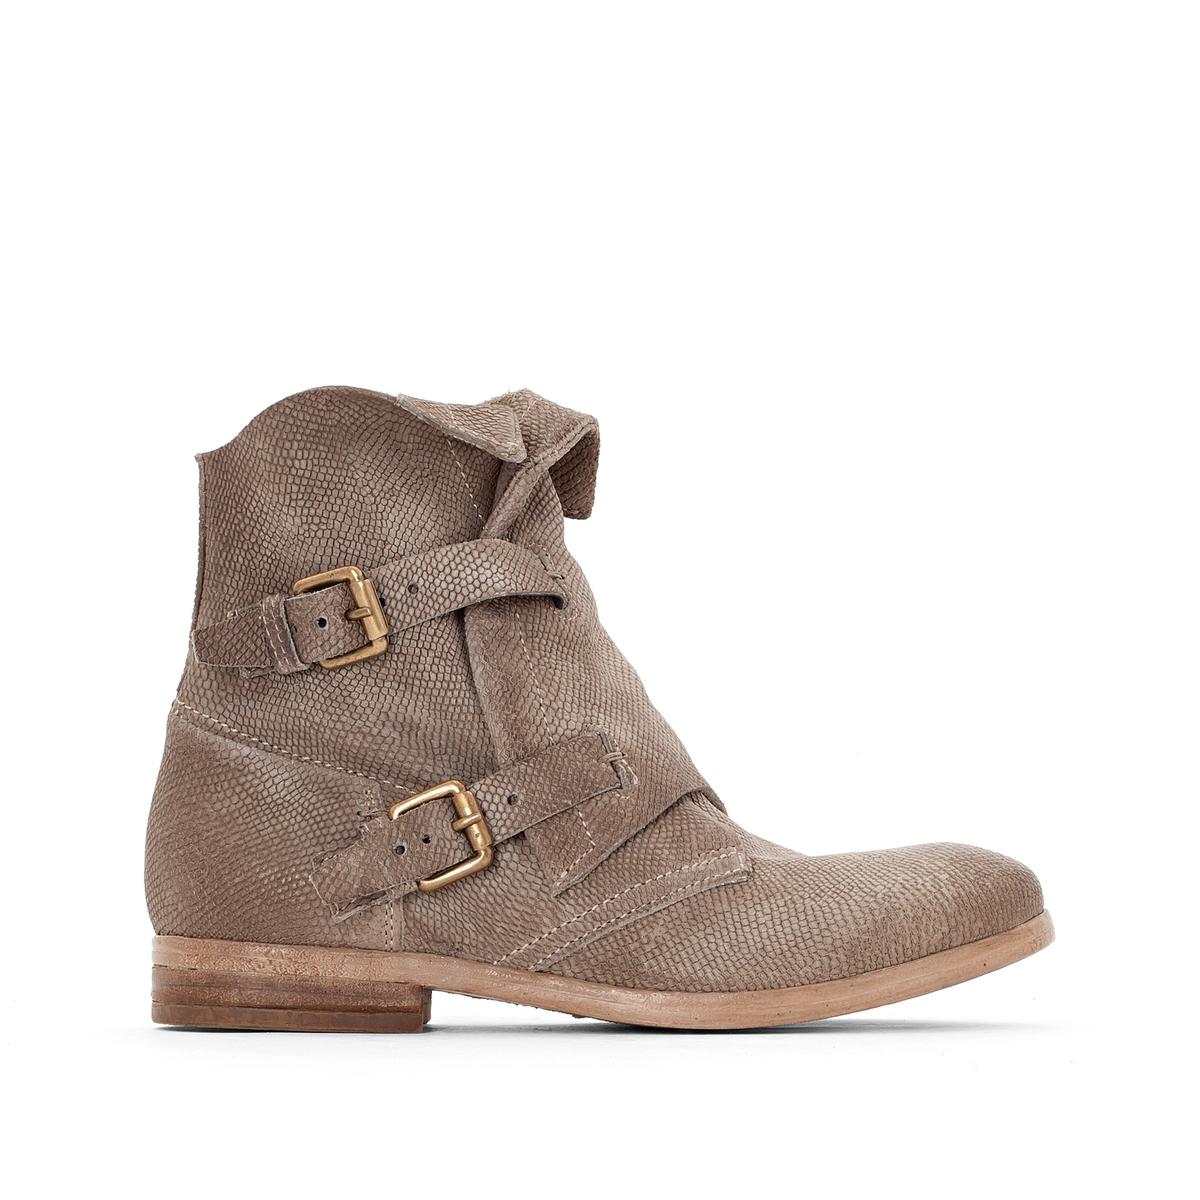 Сапоги кожаные NicoleВерх/Голенище: кожа.  Подкладка: кожа.  Стелька: кожа.  Подошва: резина.Высота каблука: 2 см.Форма каблука: плоский каблук.Мысок: закругленный.Застежка: на молнию.<br><br>Цвет: серо-коричневый<br>Размер: 37.38.39